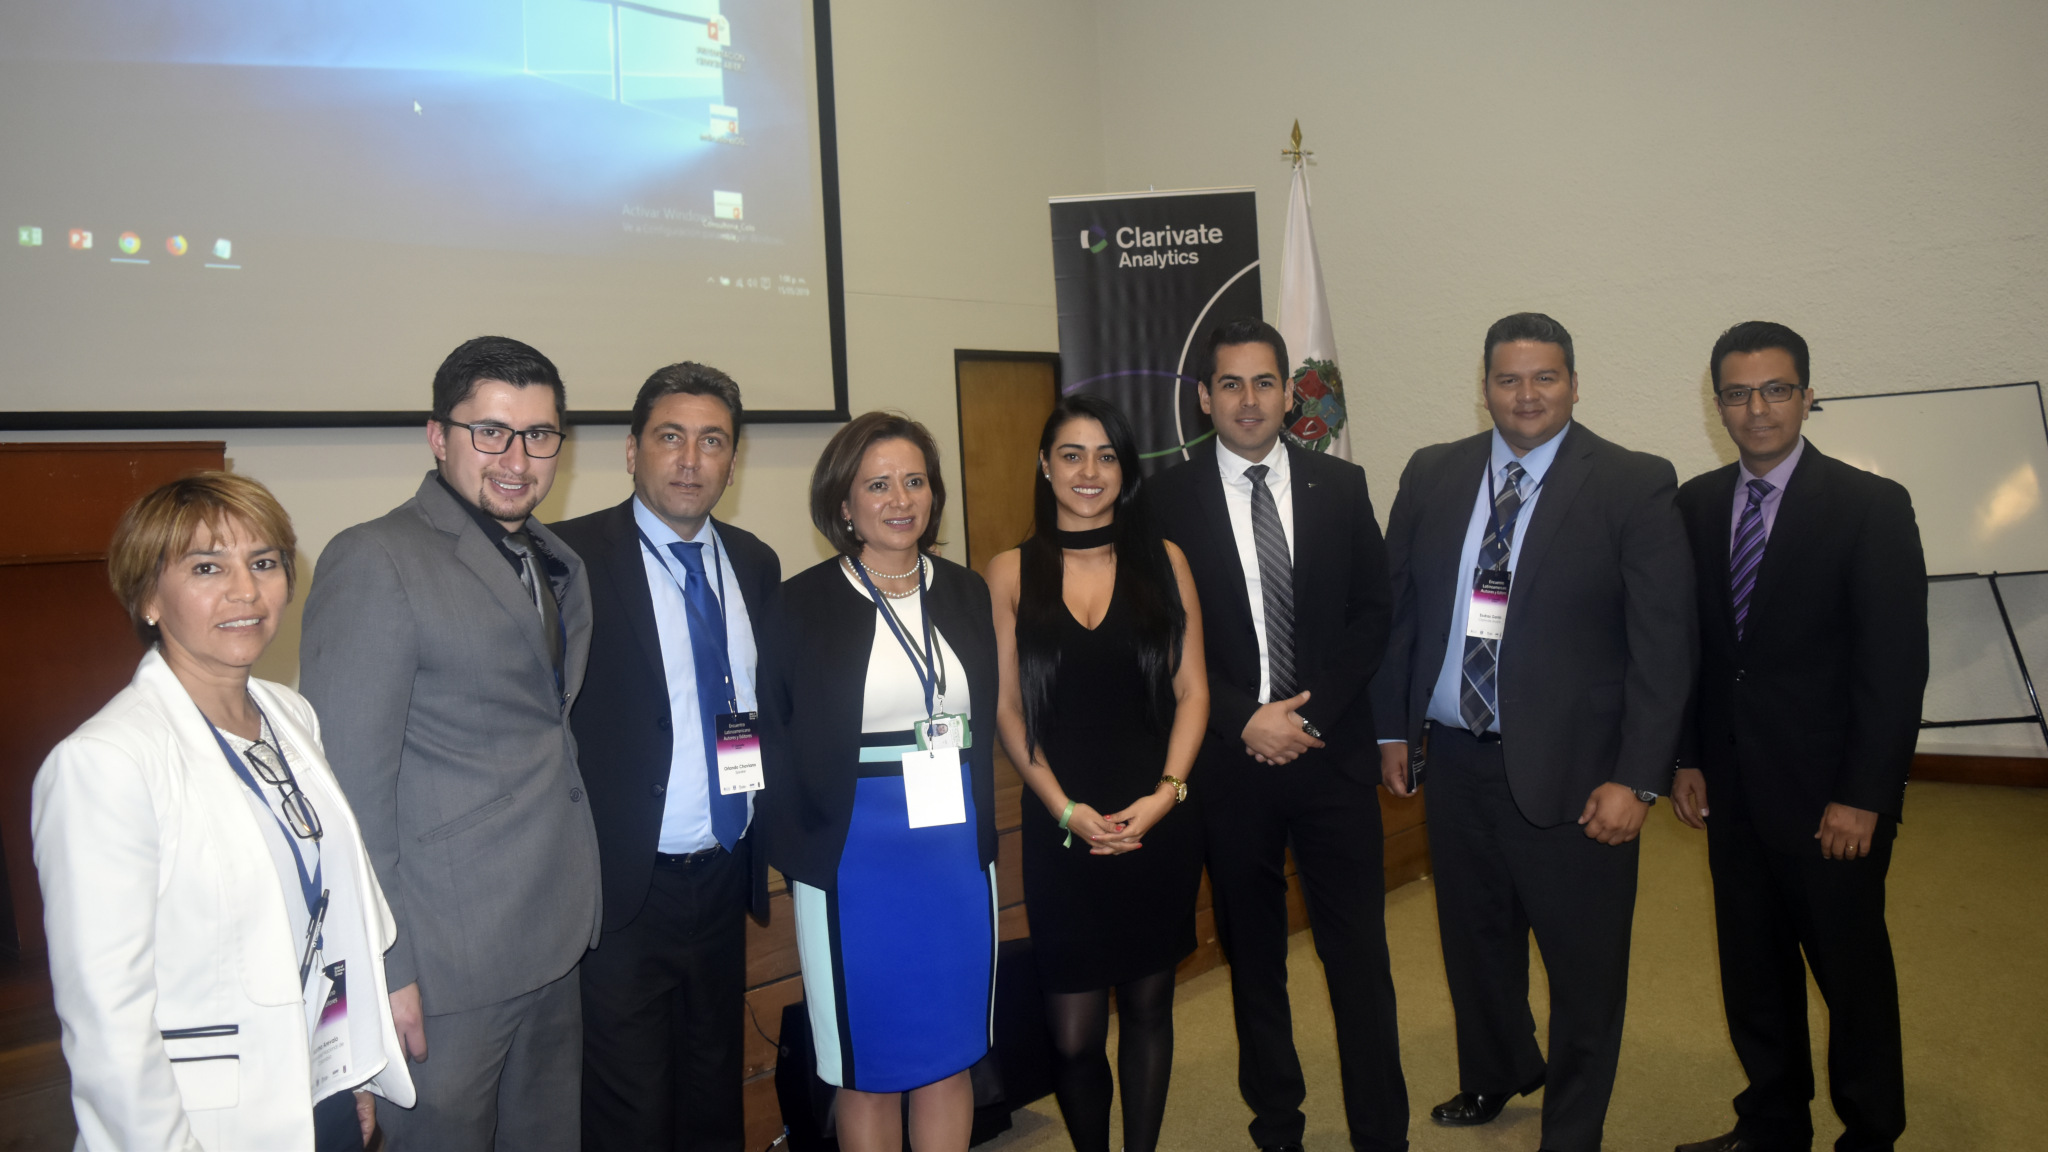 Organizadores y conferencistas del evento (Foto: Camilo Baquero/VRI)